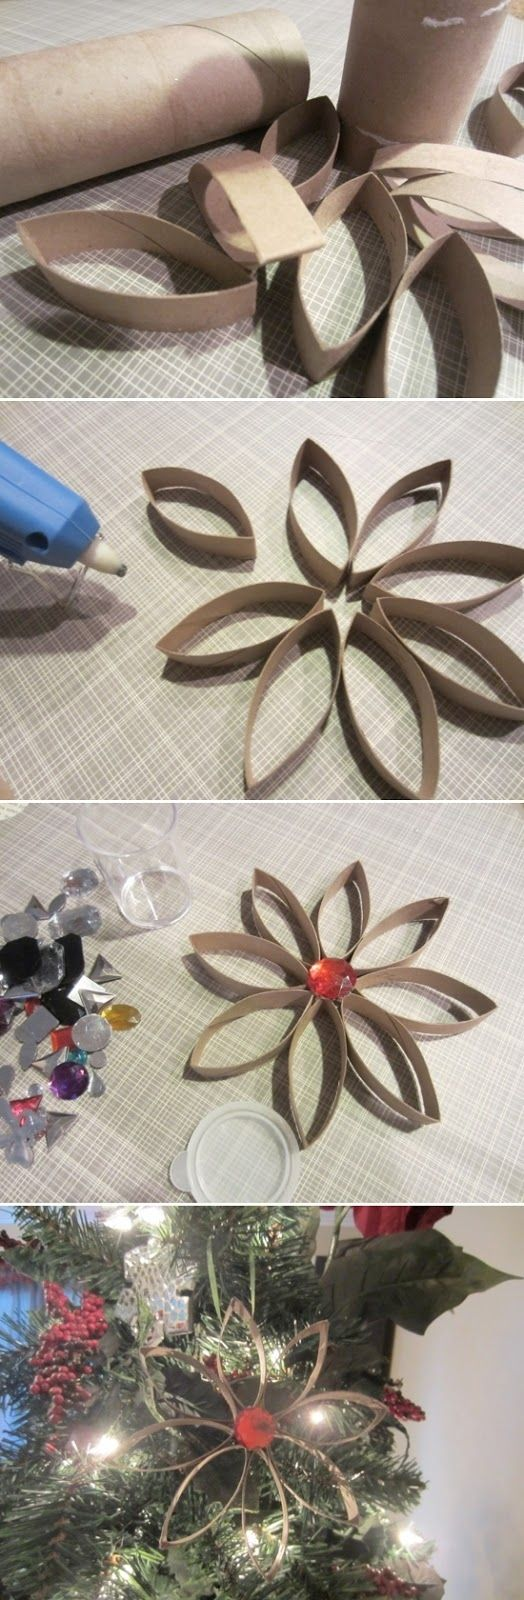 decorazione natale rotoli di carta igienica 4